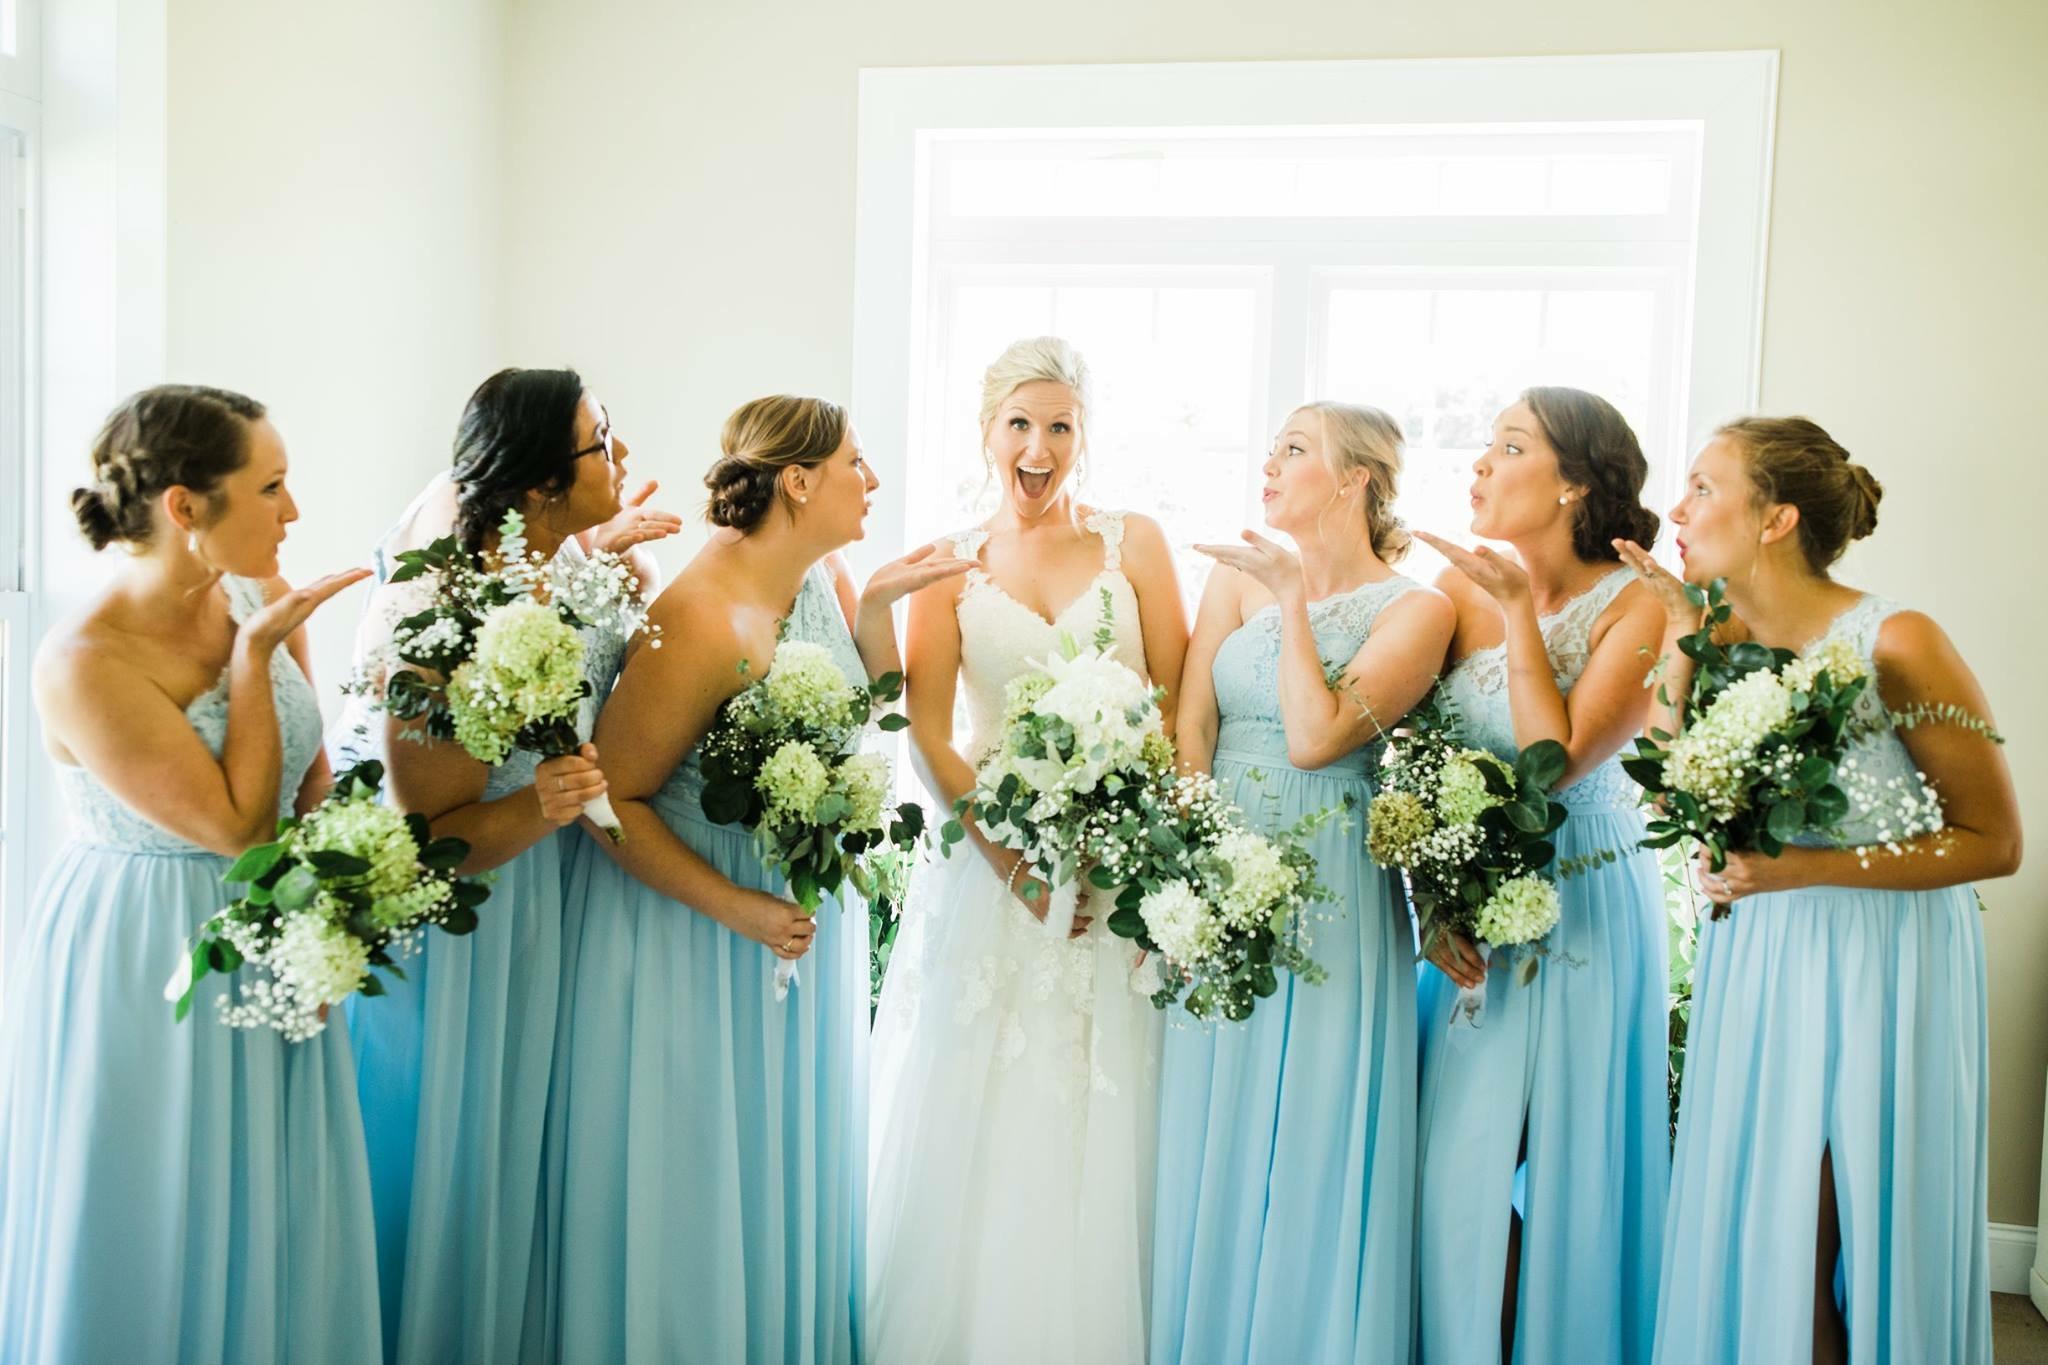 3f9444b6611 Azazie Bridesmaid Dresses Dusty Blue - Gomes Weine AG